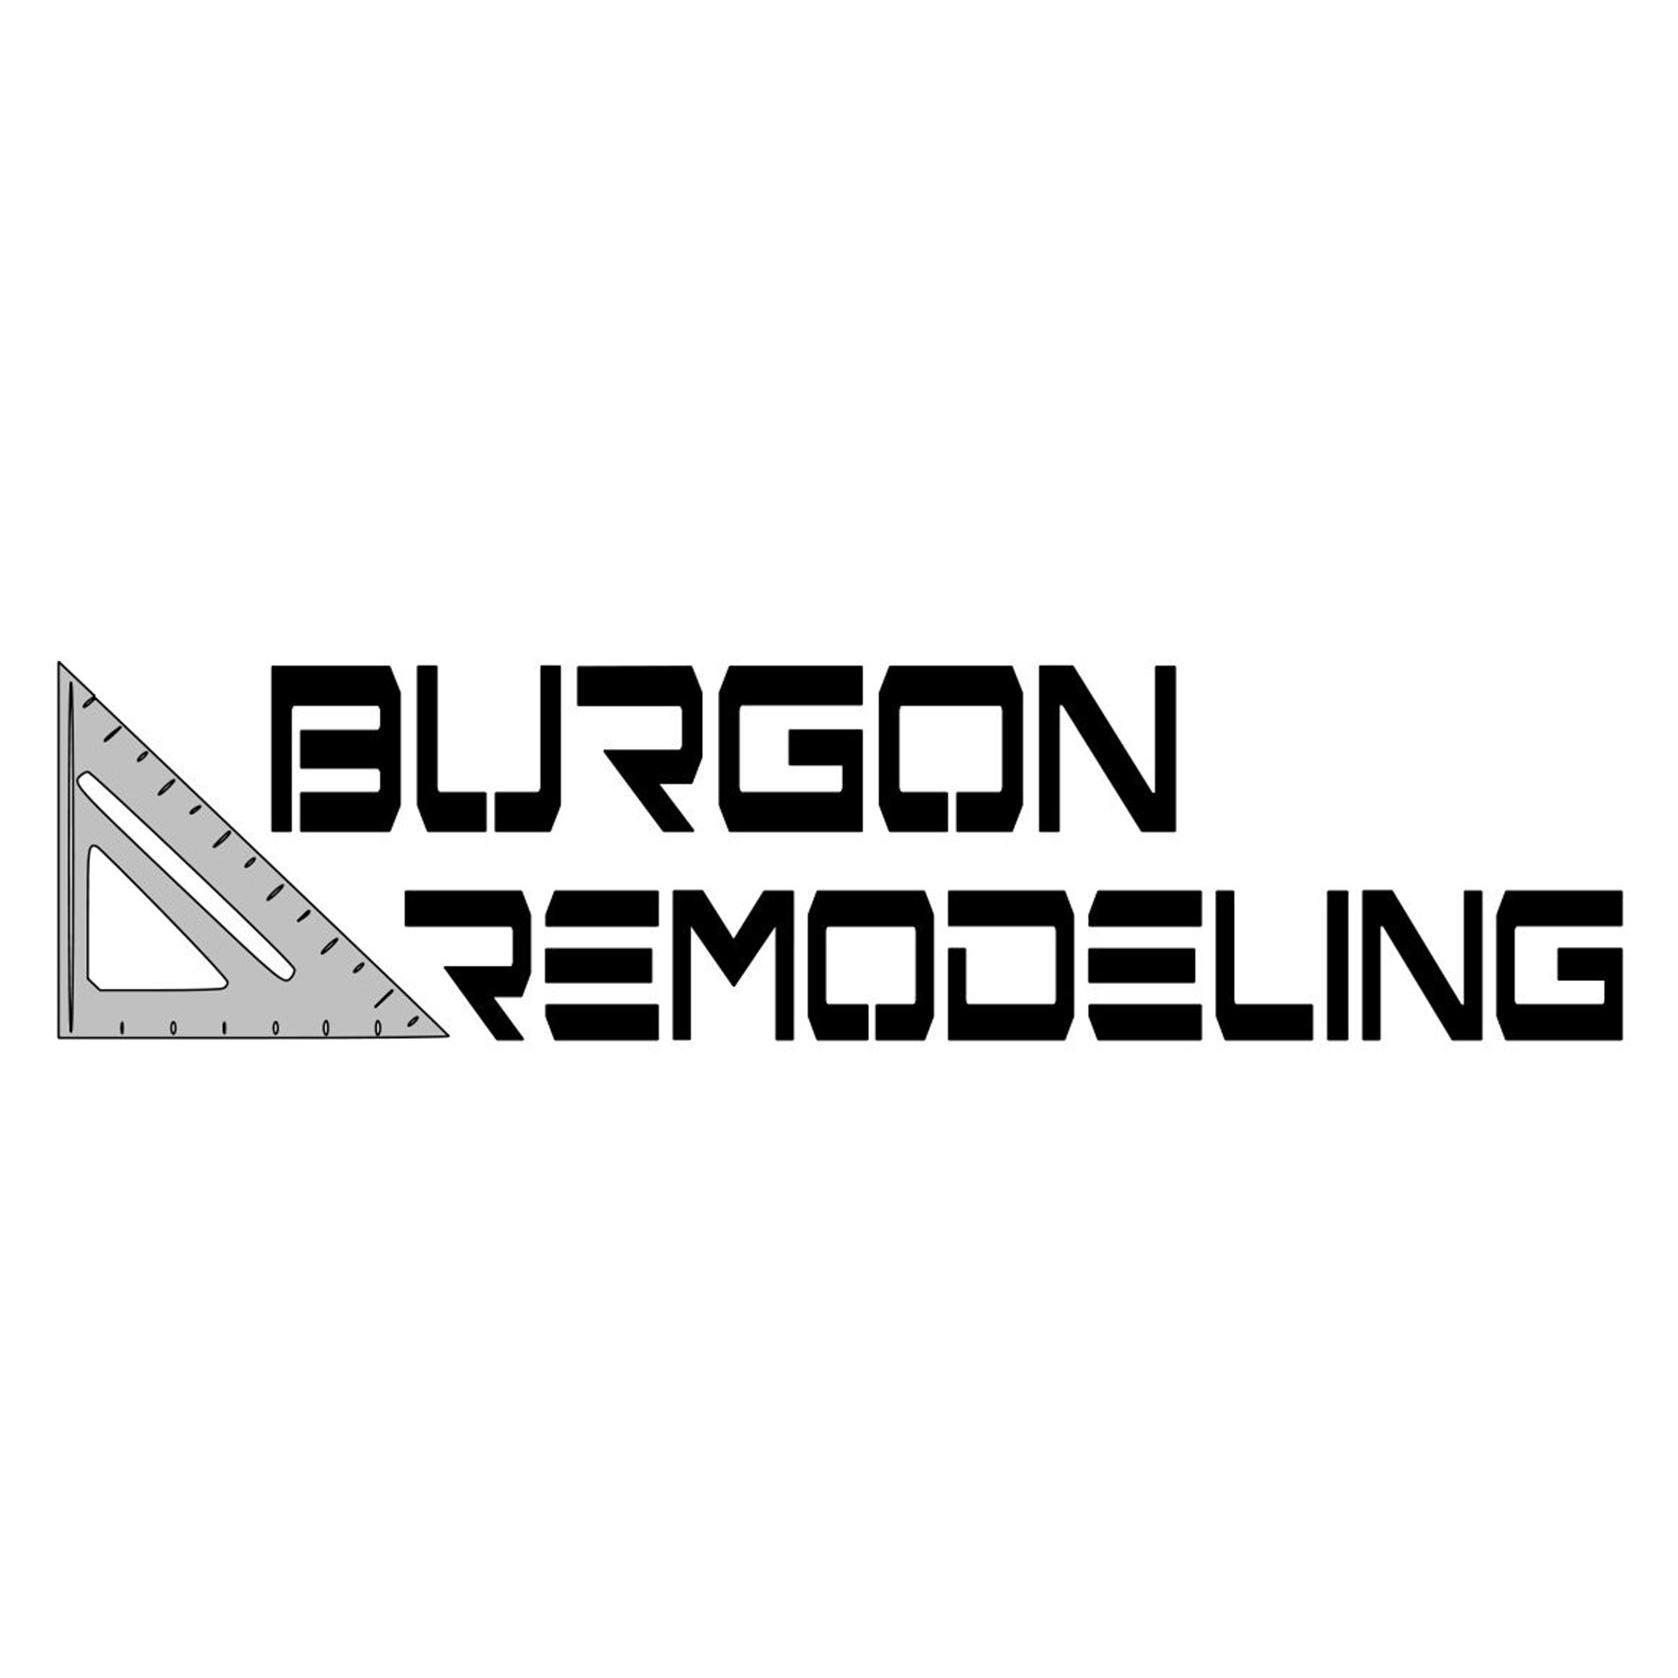 Burgon Remodeling, Inc.